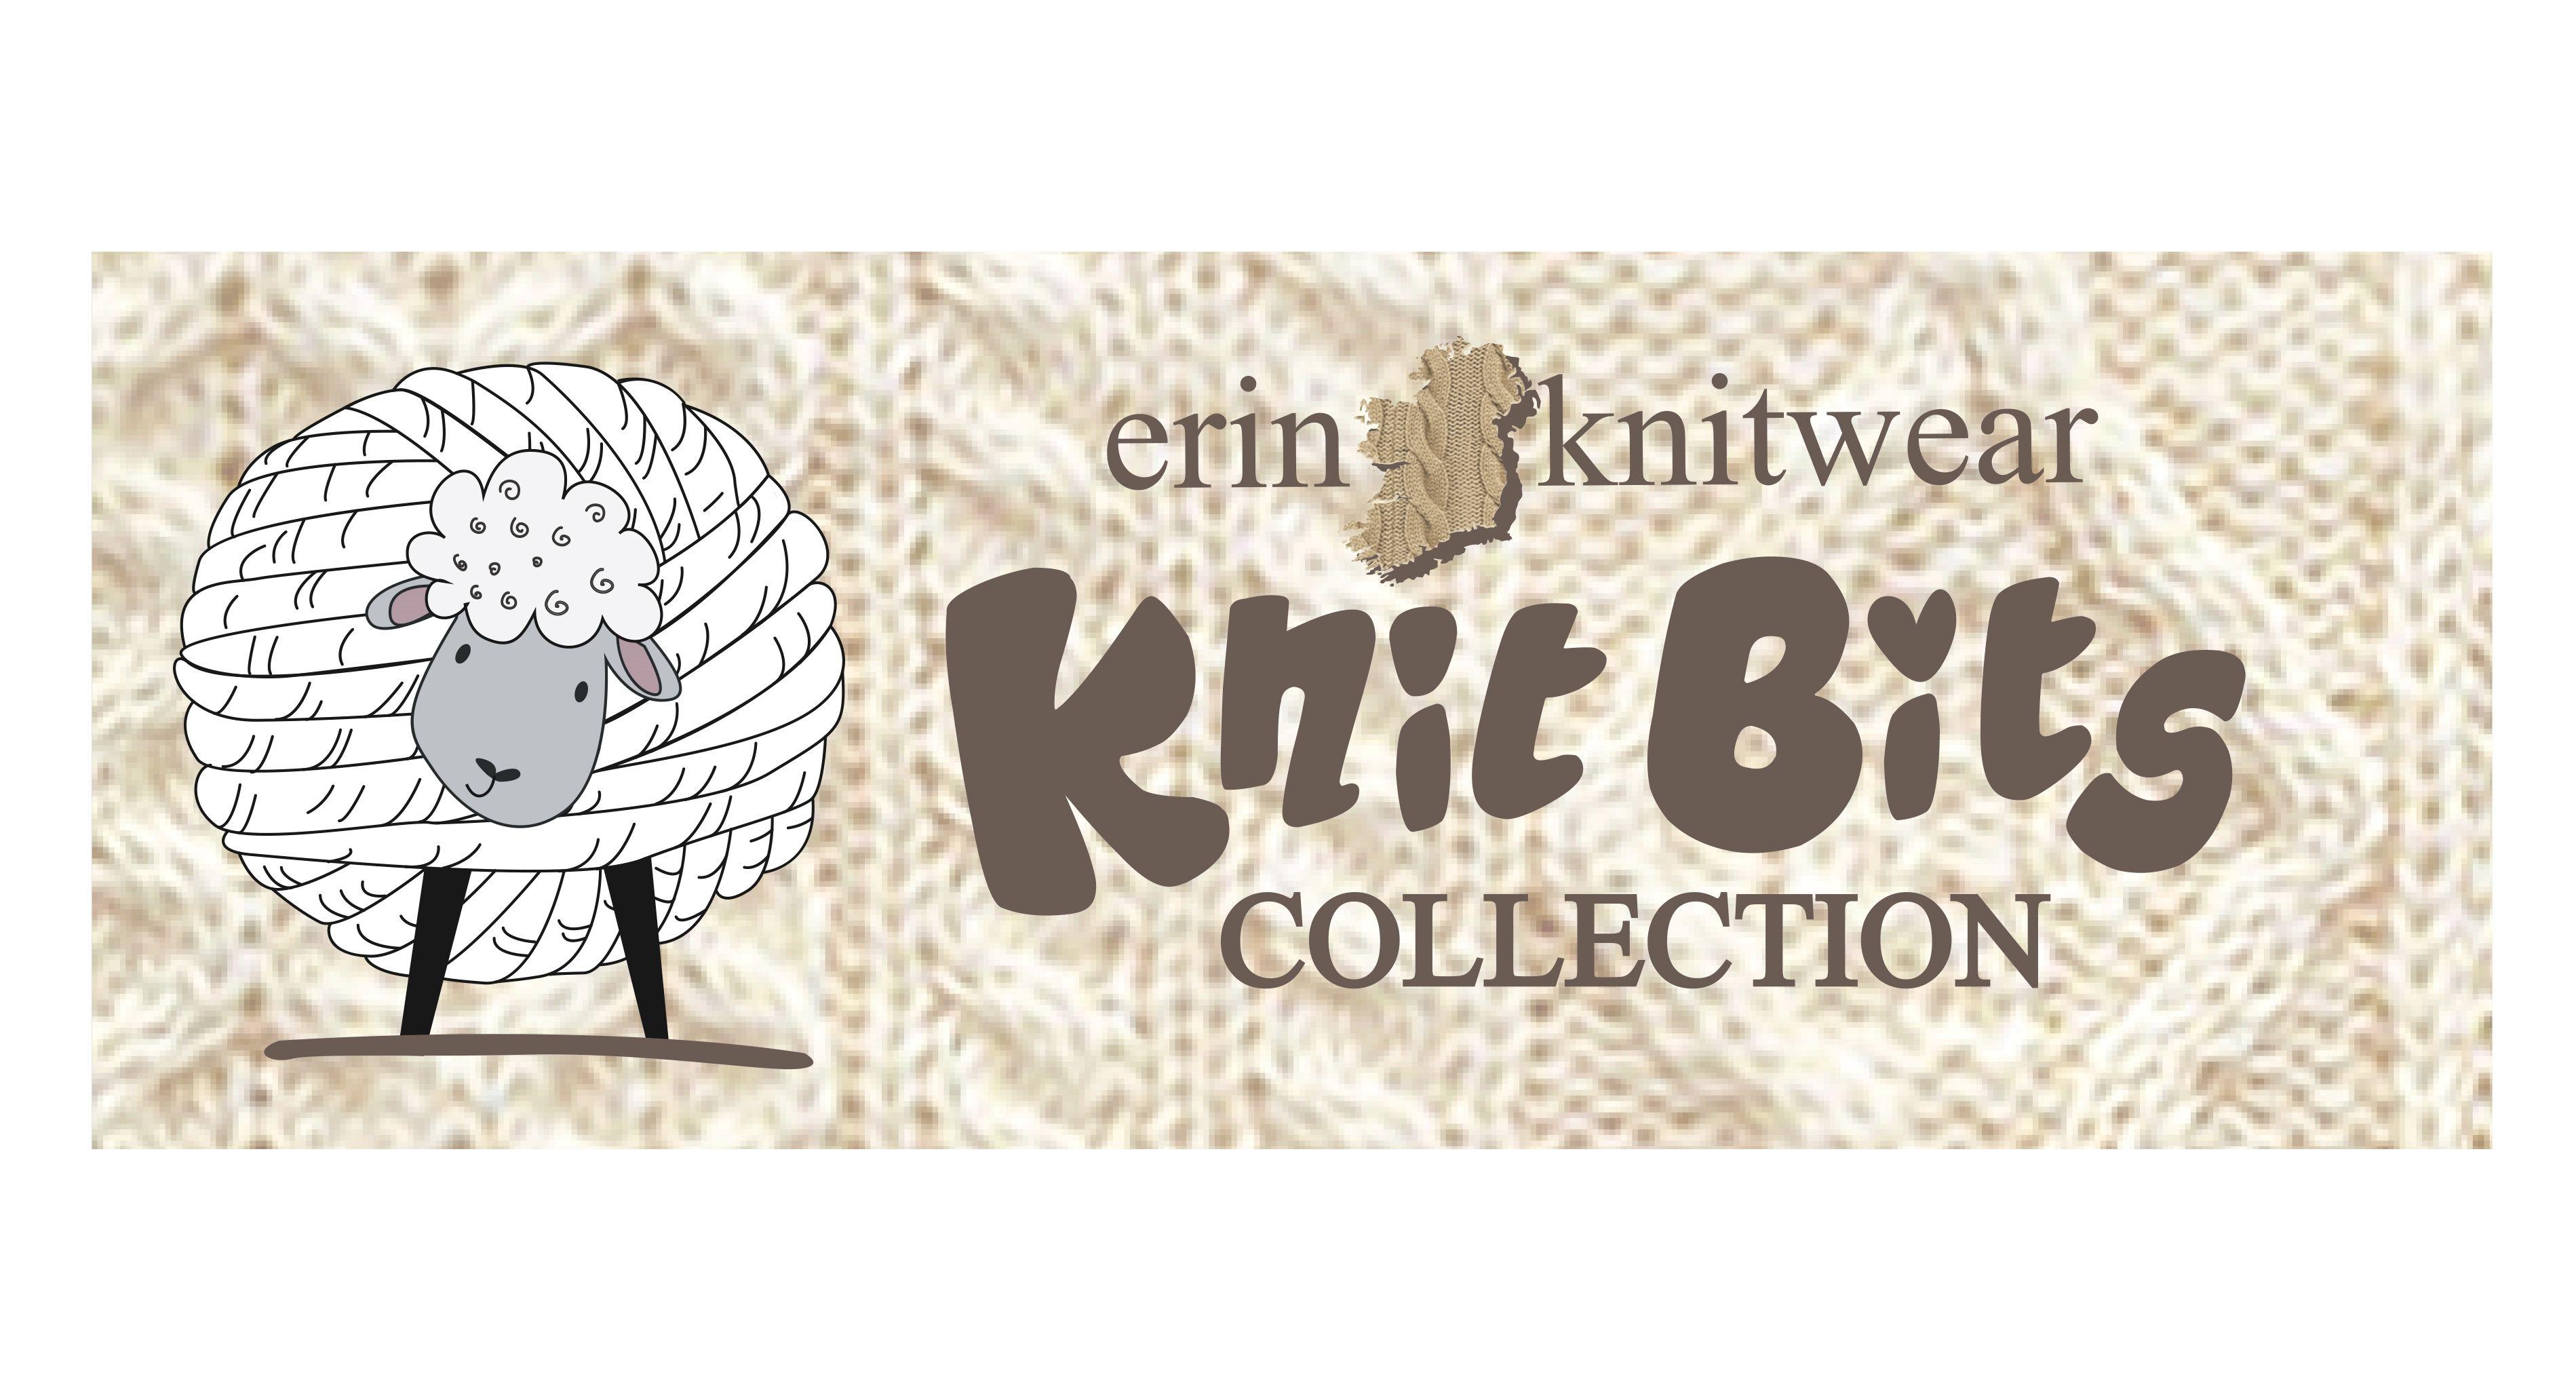 Erin Knitwear